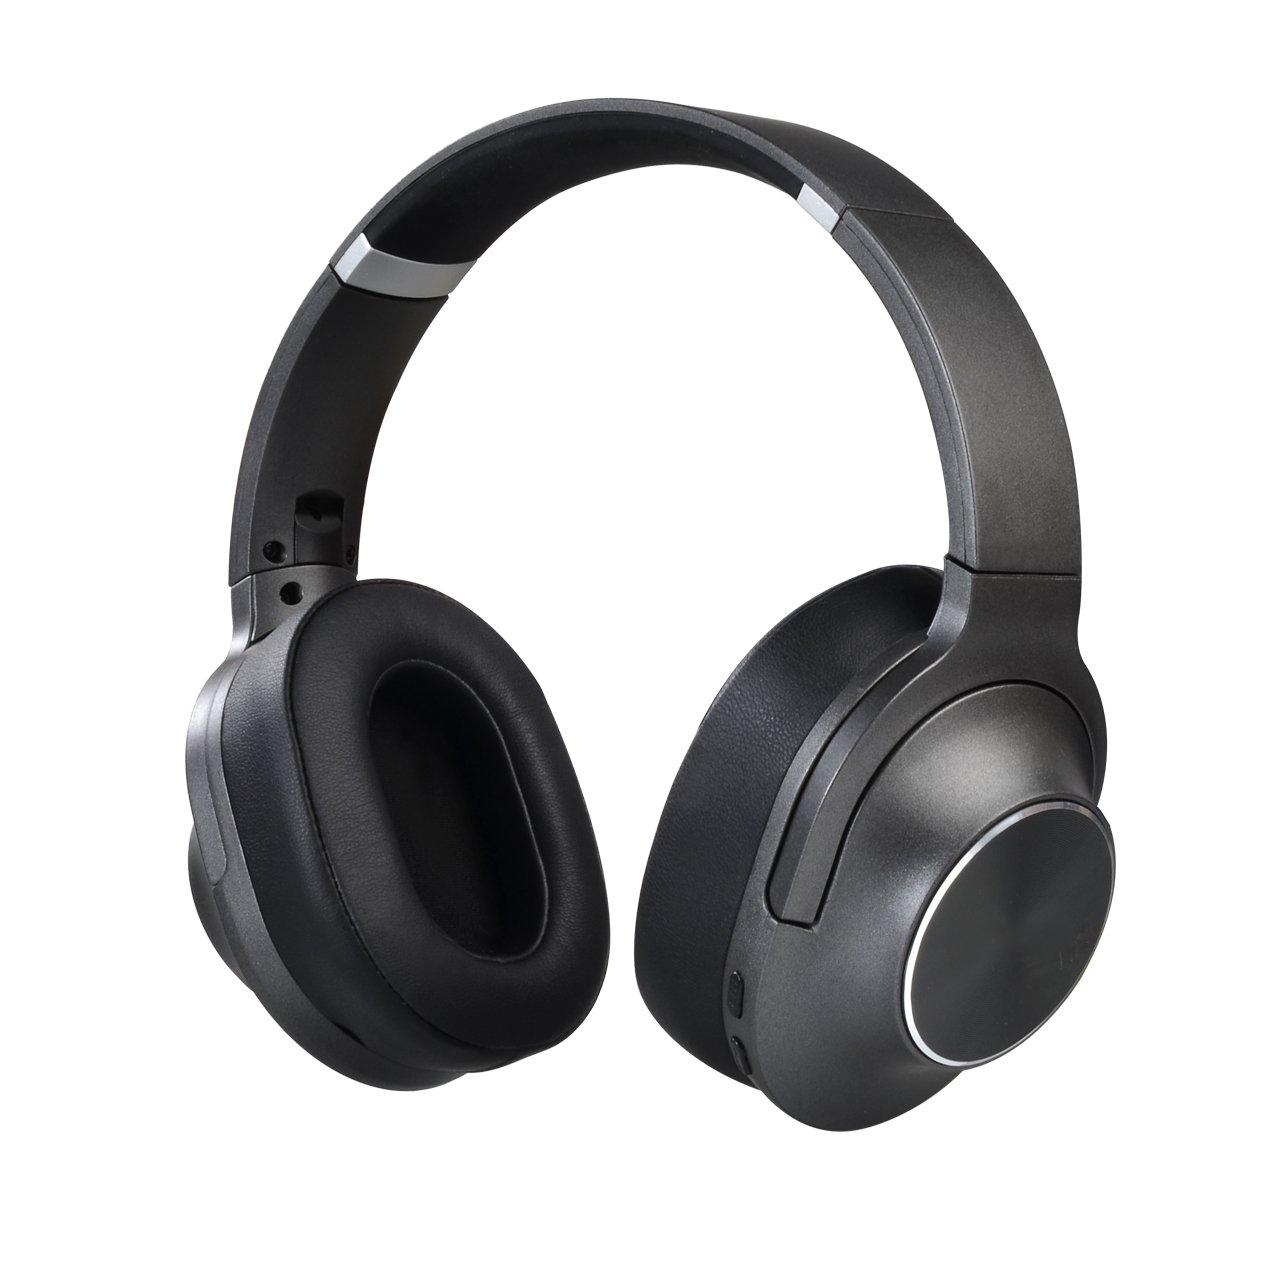 Aliexpress.com : Buy DACOM Gym Sport Bluetooth Headphones